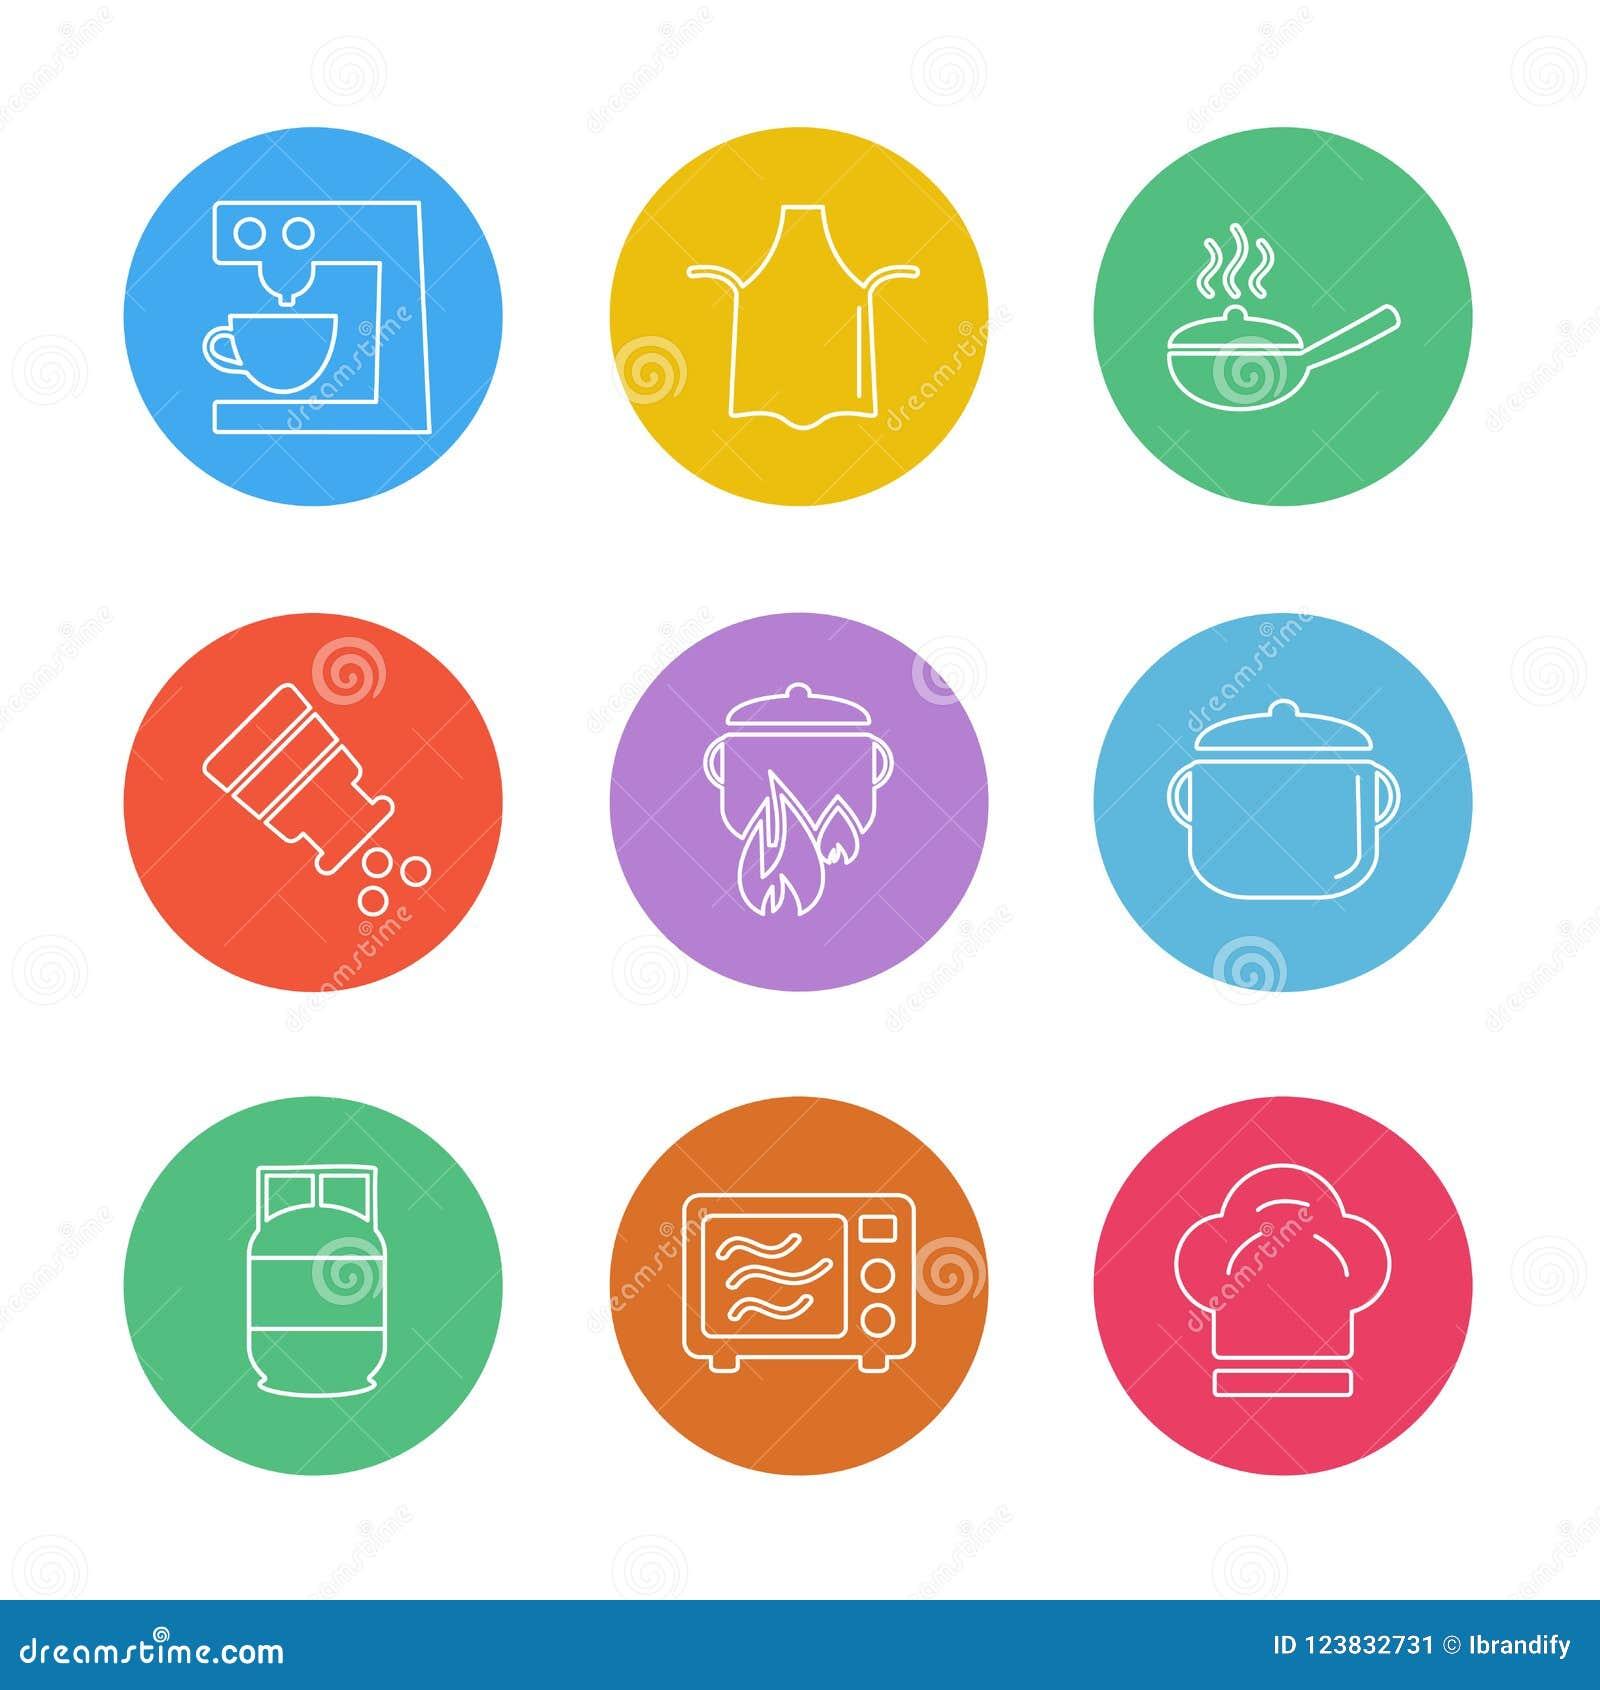 Lebensmittel, die Gesundheit, gesund, Mahlzeit, Getränke, ENV-Ikonen stellte Vektor ein